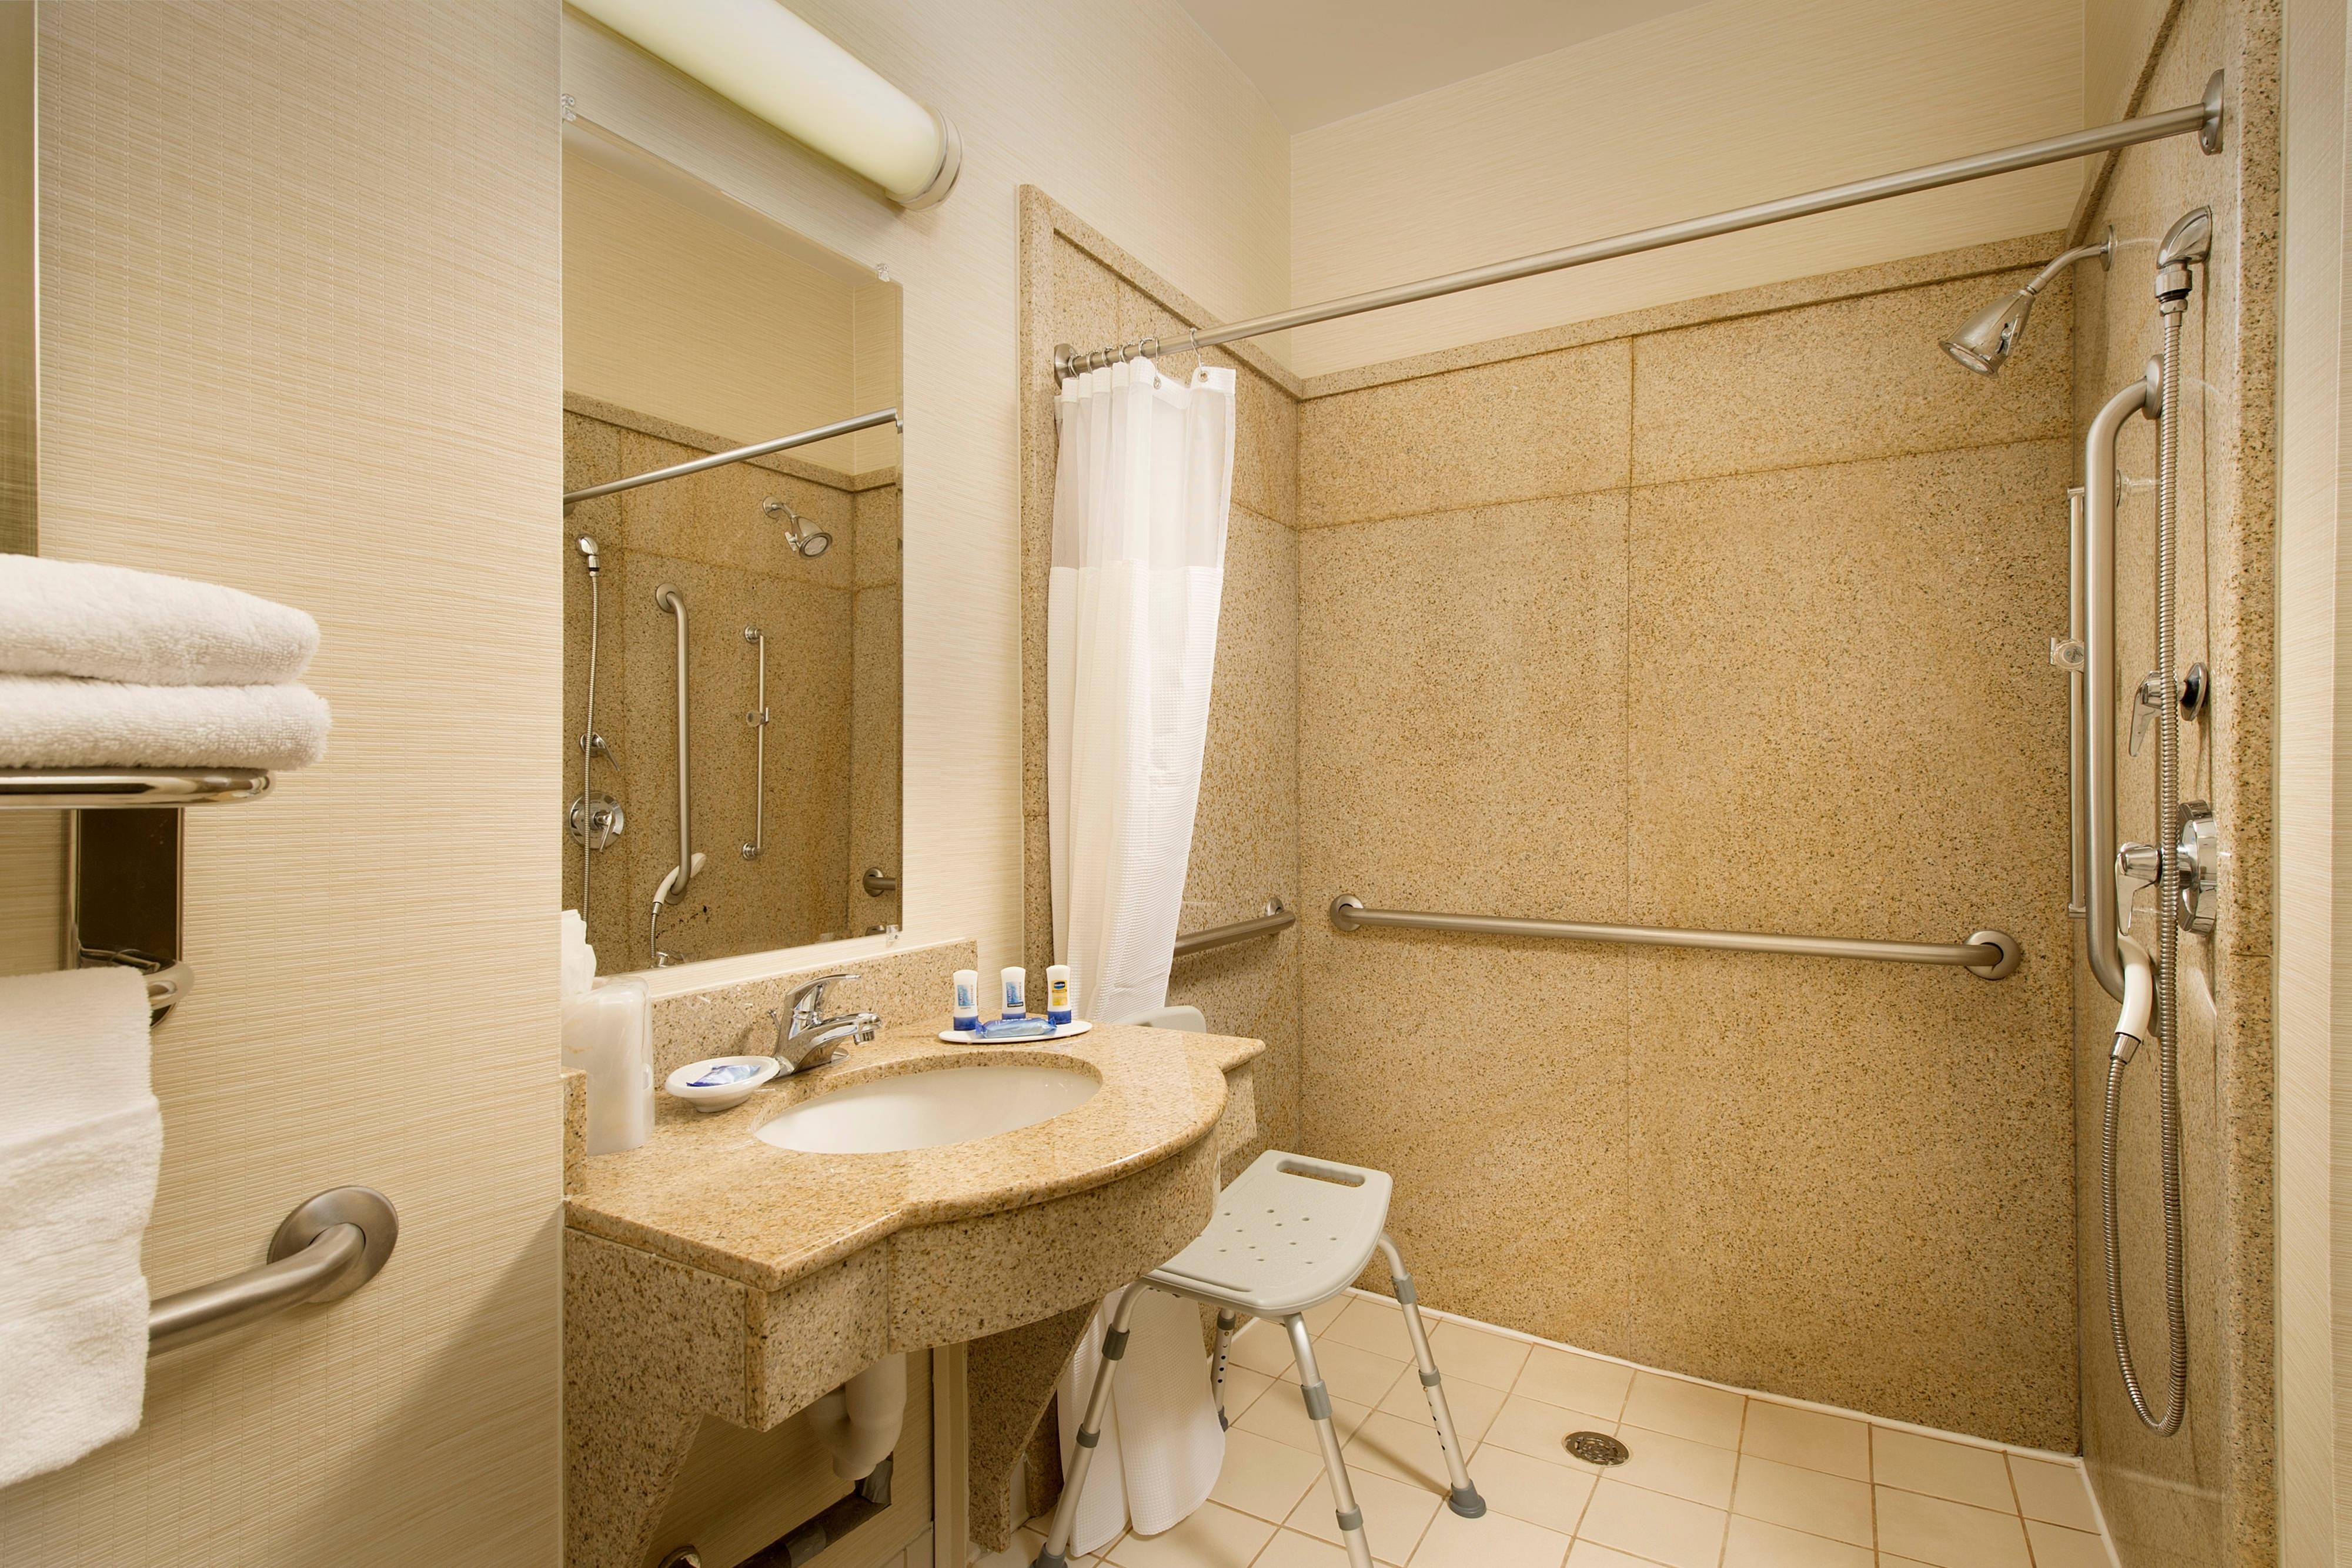 Waco TX Hotel Bathroom